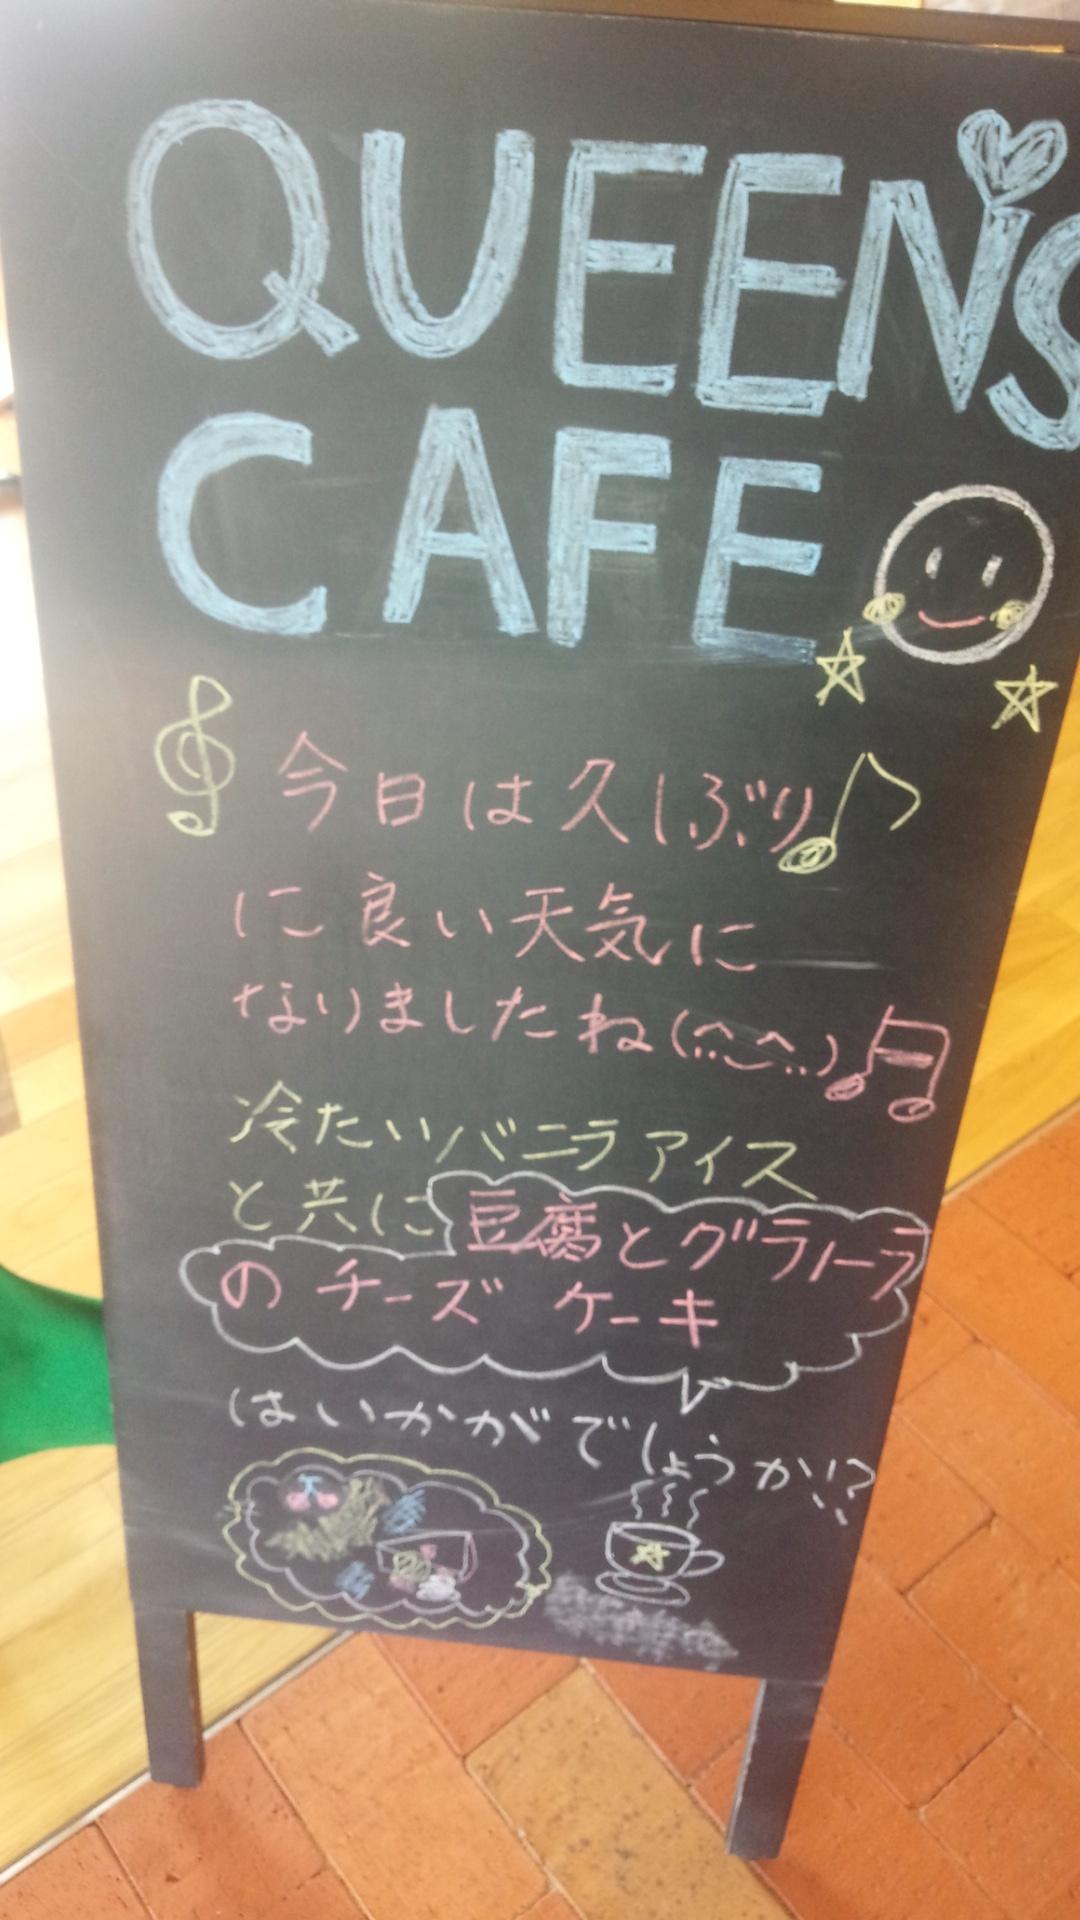 クイーンズカフェ